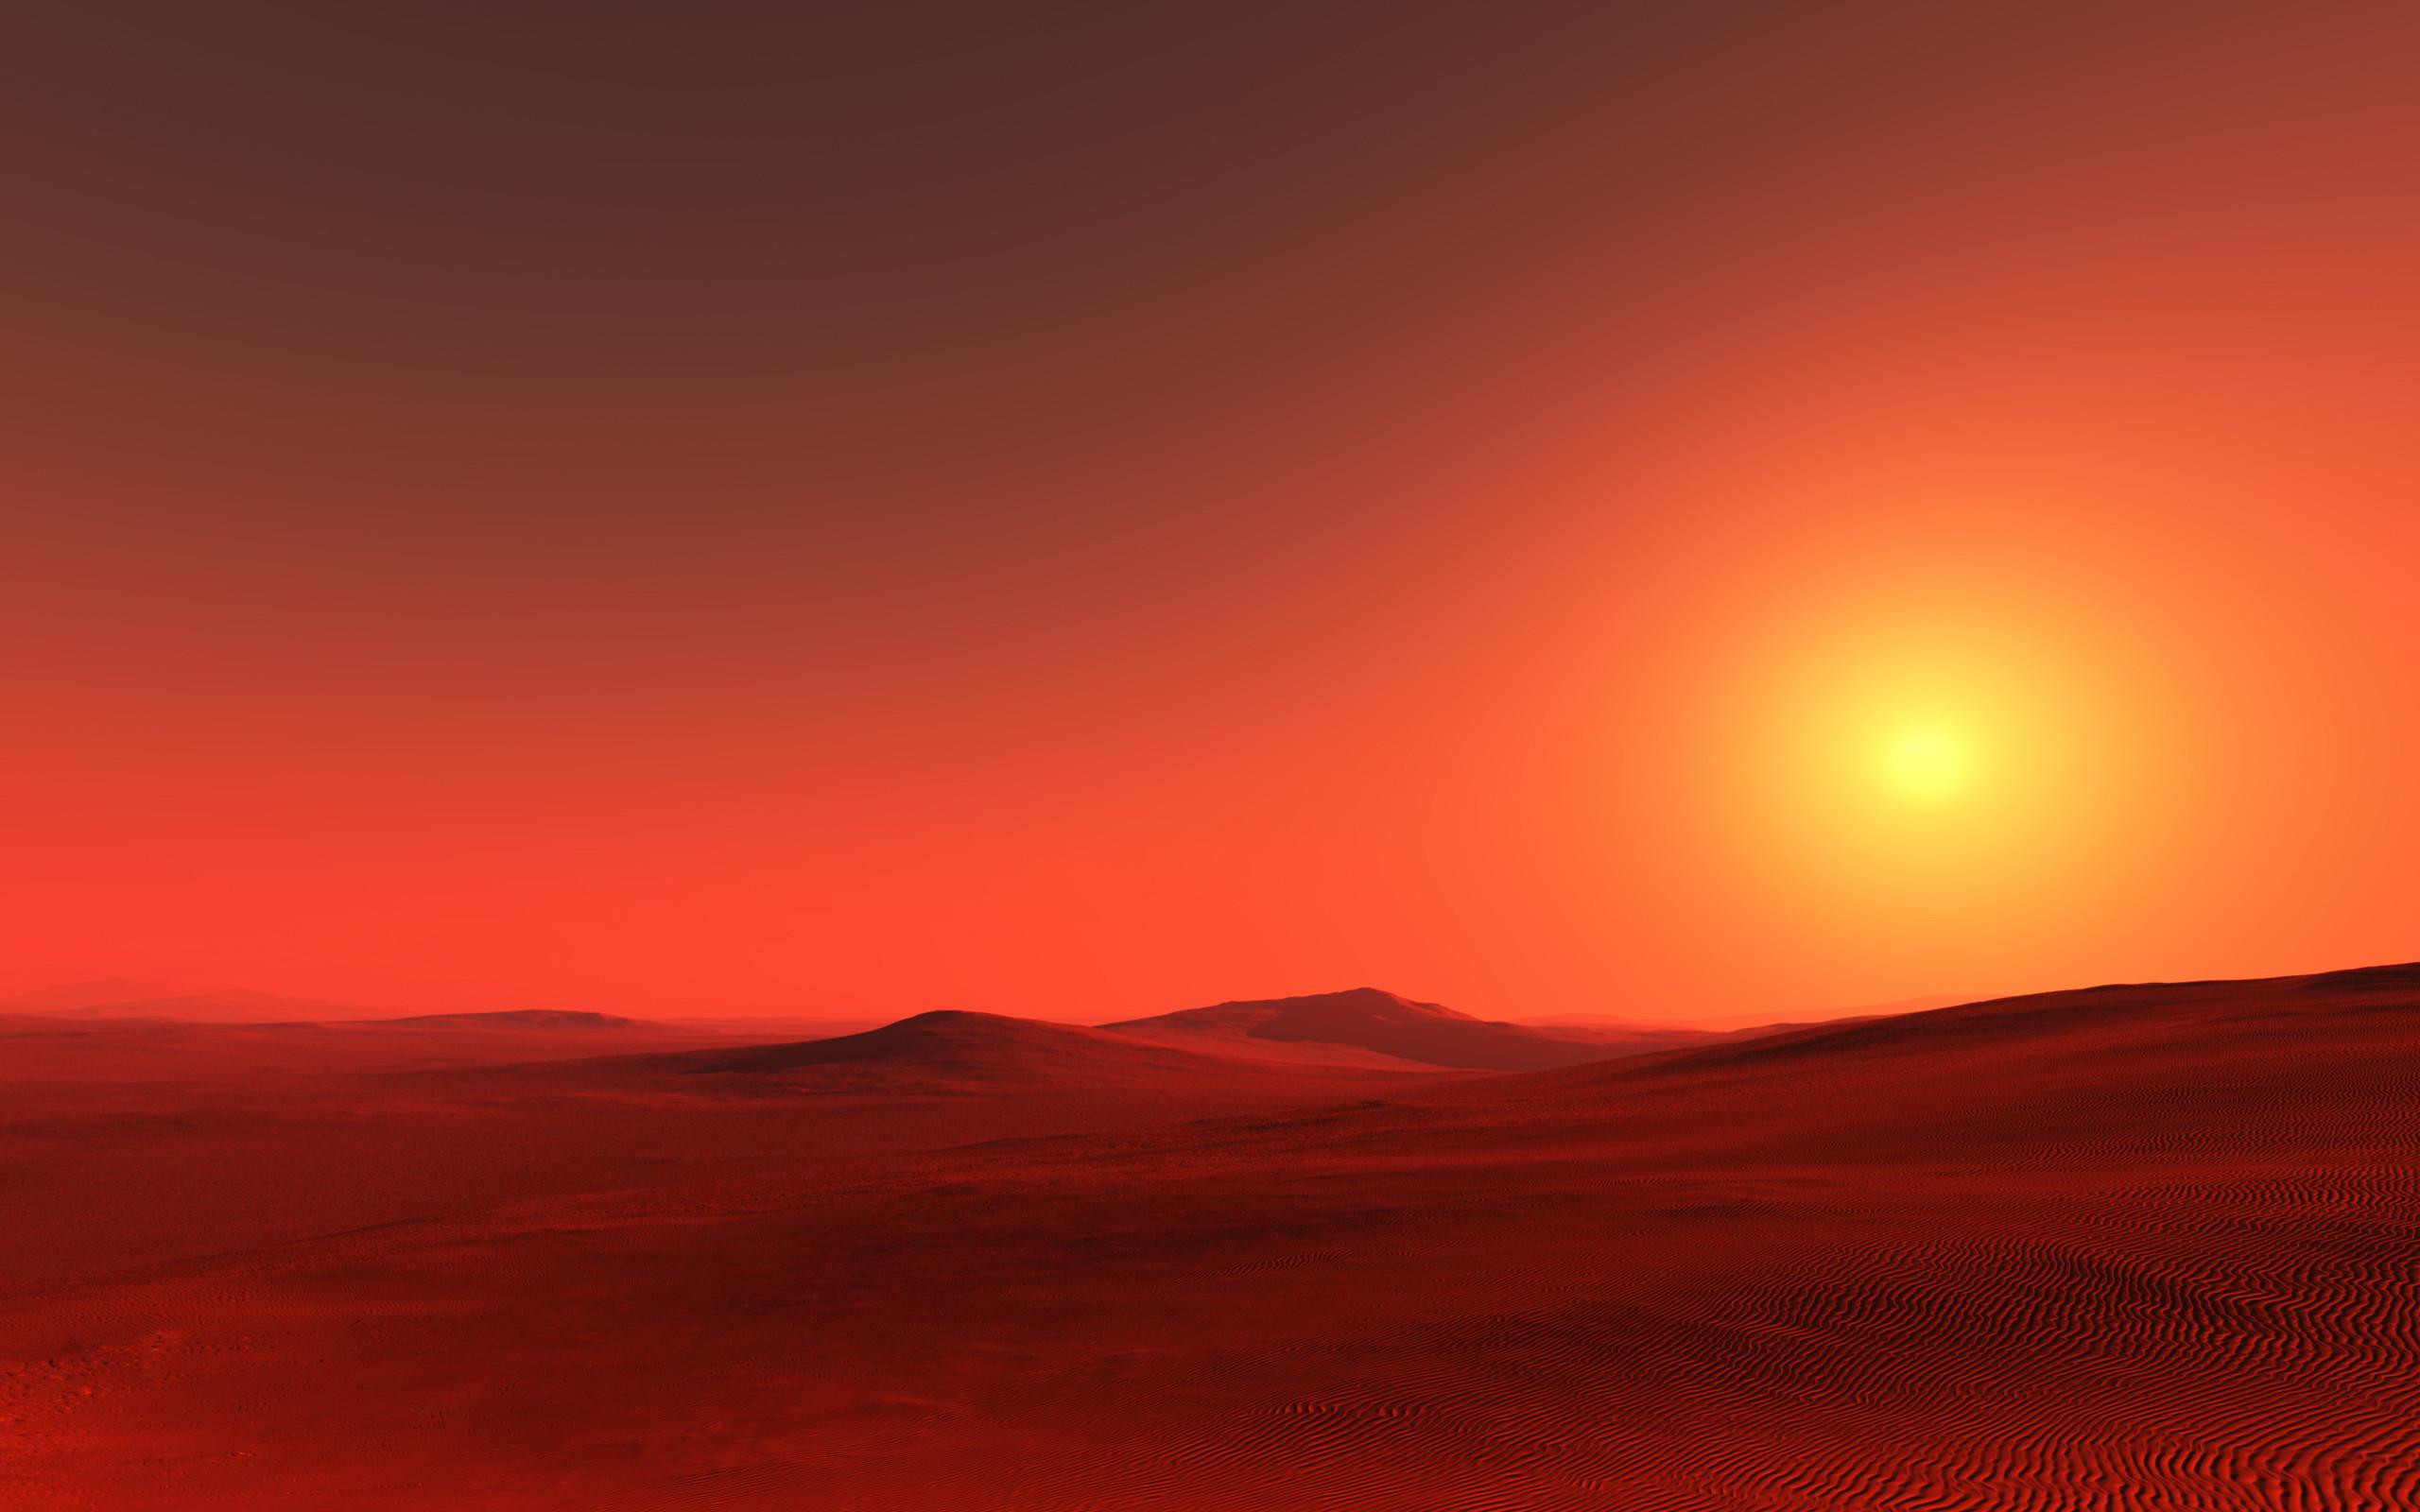 Red desert on Dune.